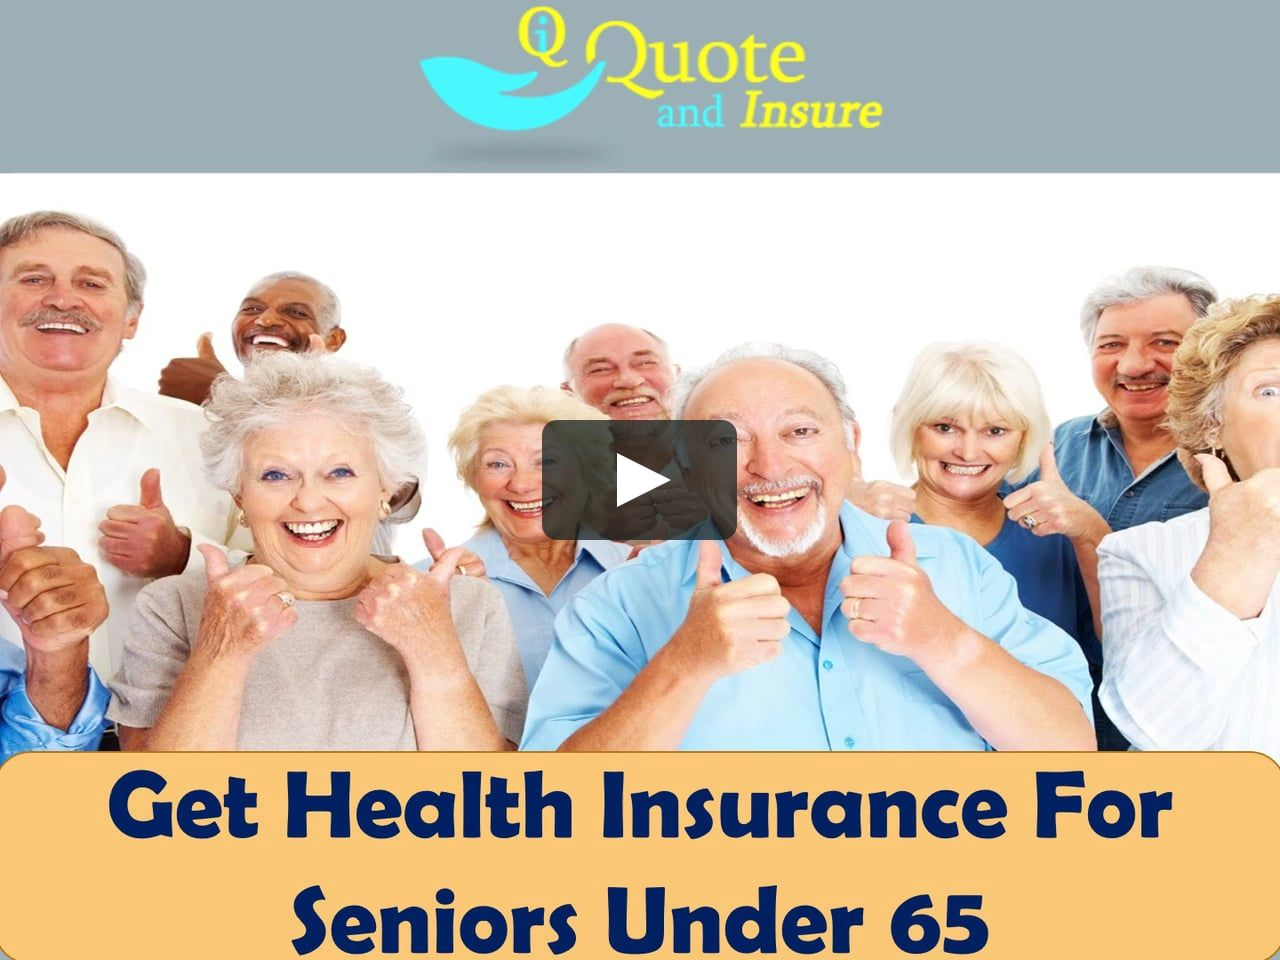 Health Insurance For Senior Citizens Get Better Health Care